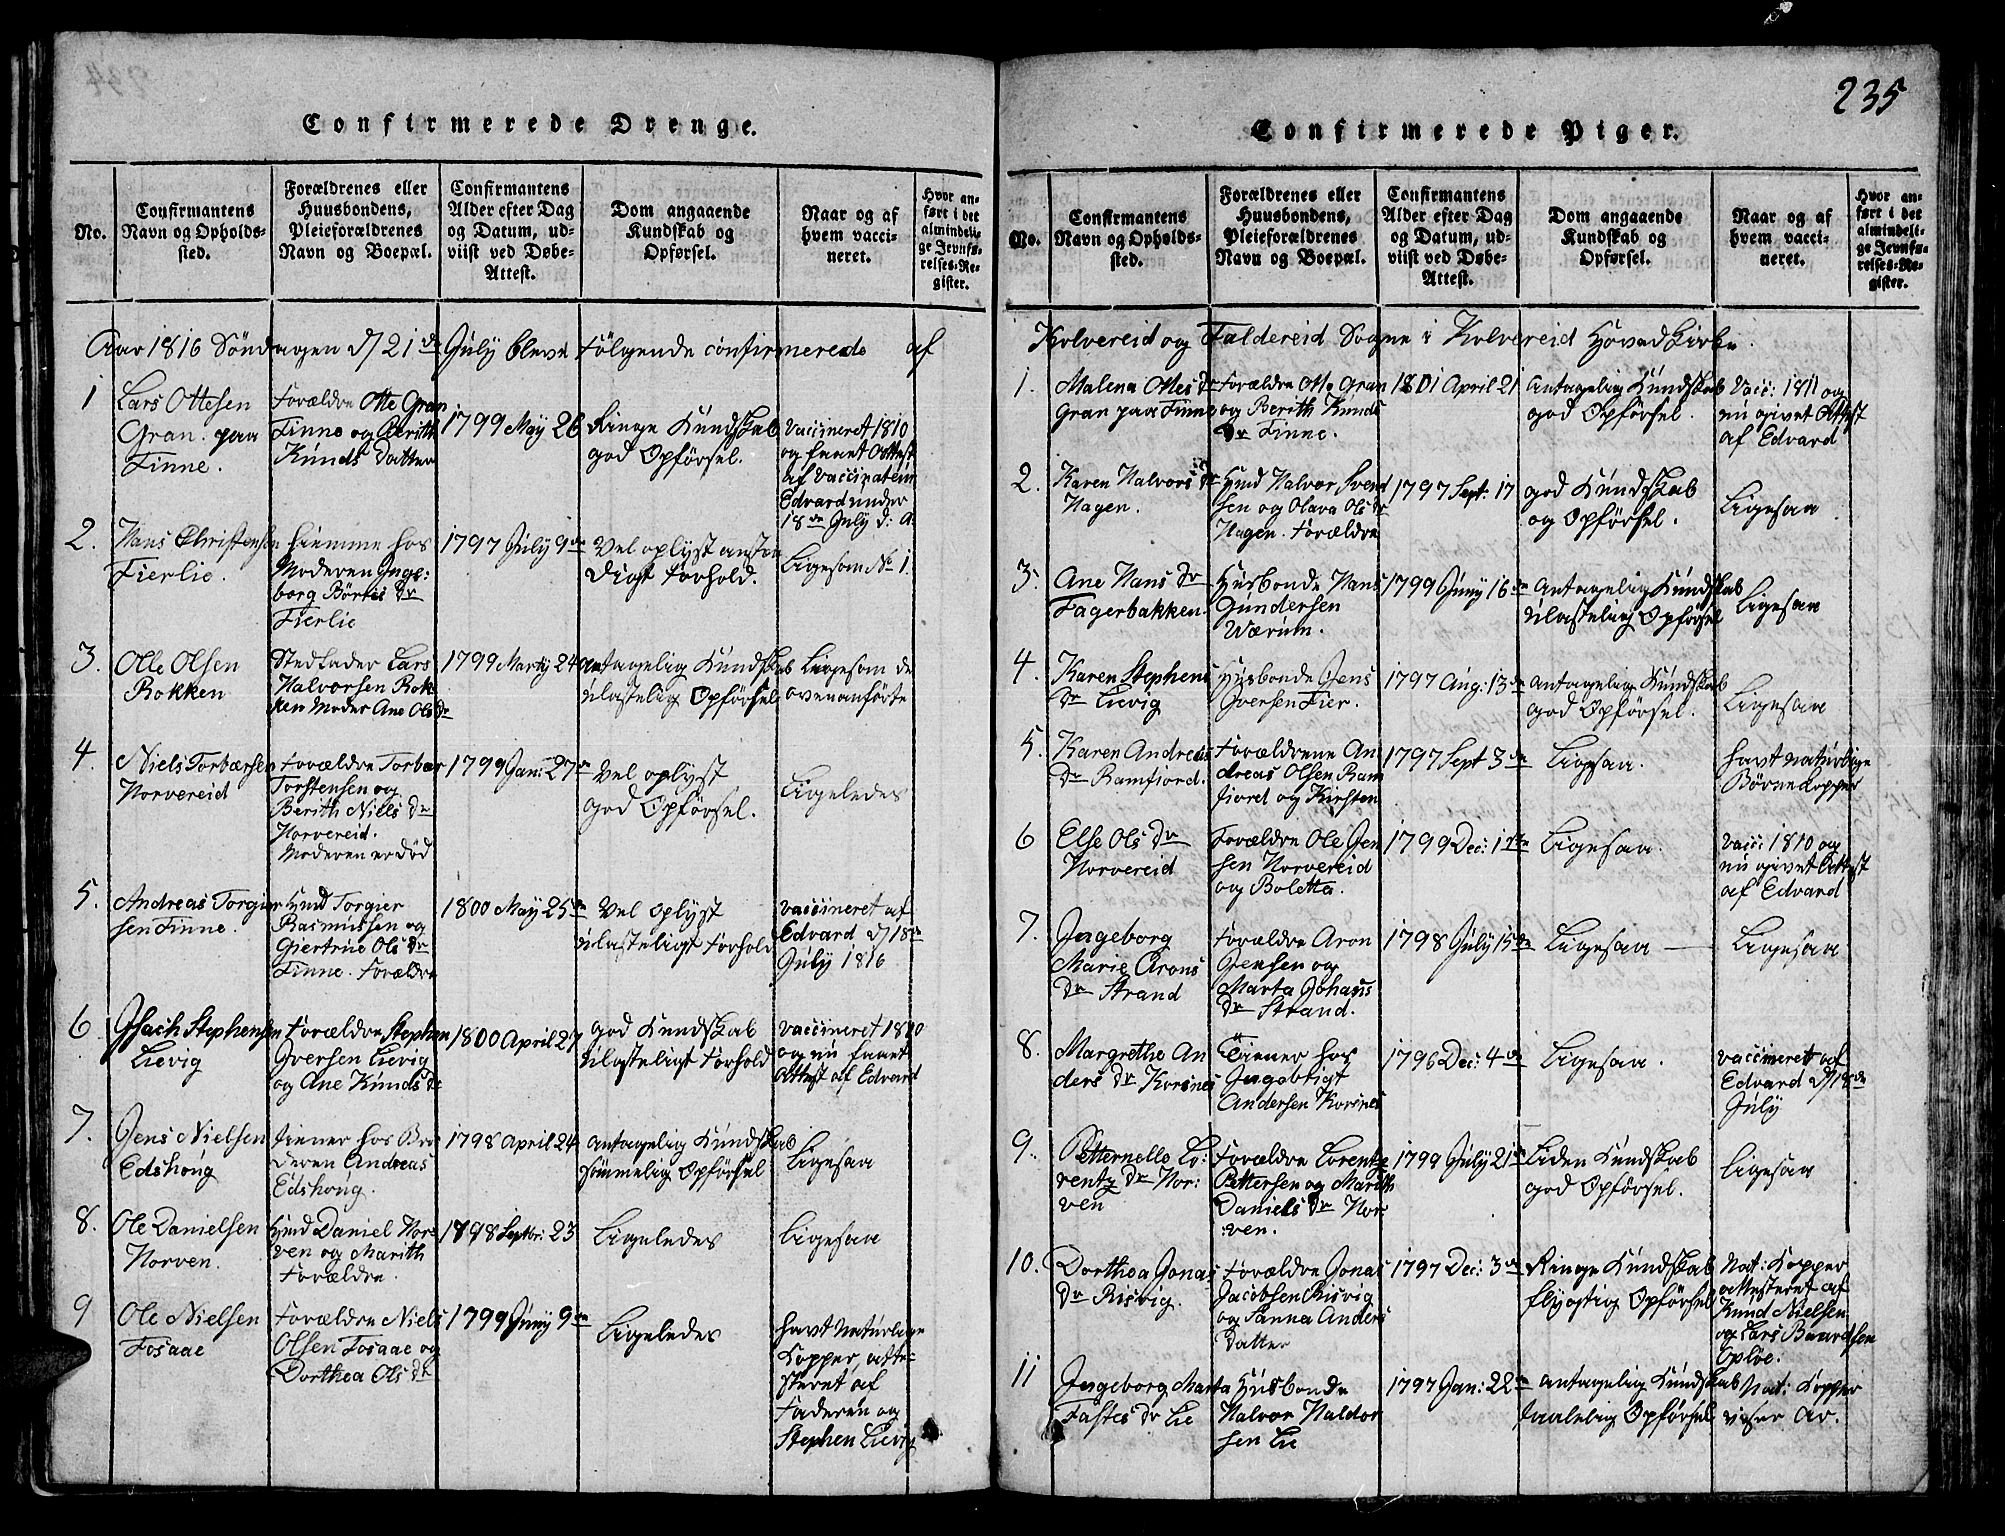 SAT, Ministerialprotokoller, klokkerbøker og fødselsregistre - Nord-Trøndelag, 780/L0648: Klokkerbok nr. 780C01 /1, 1815-1870, s. 235